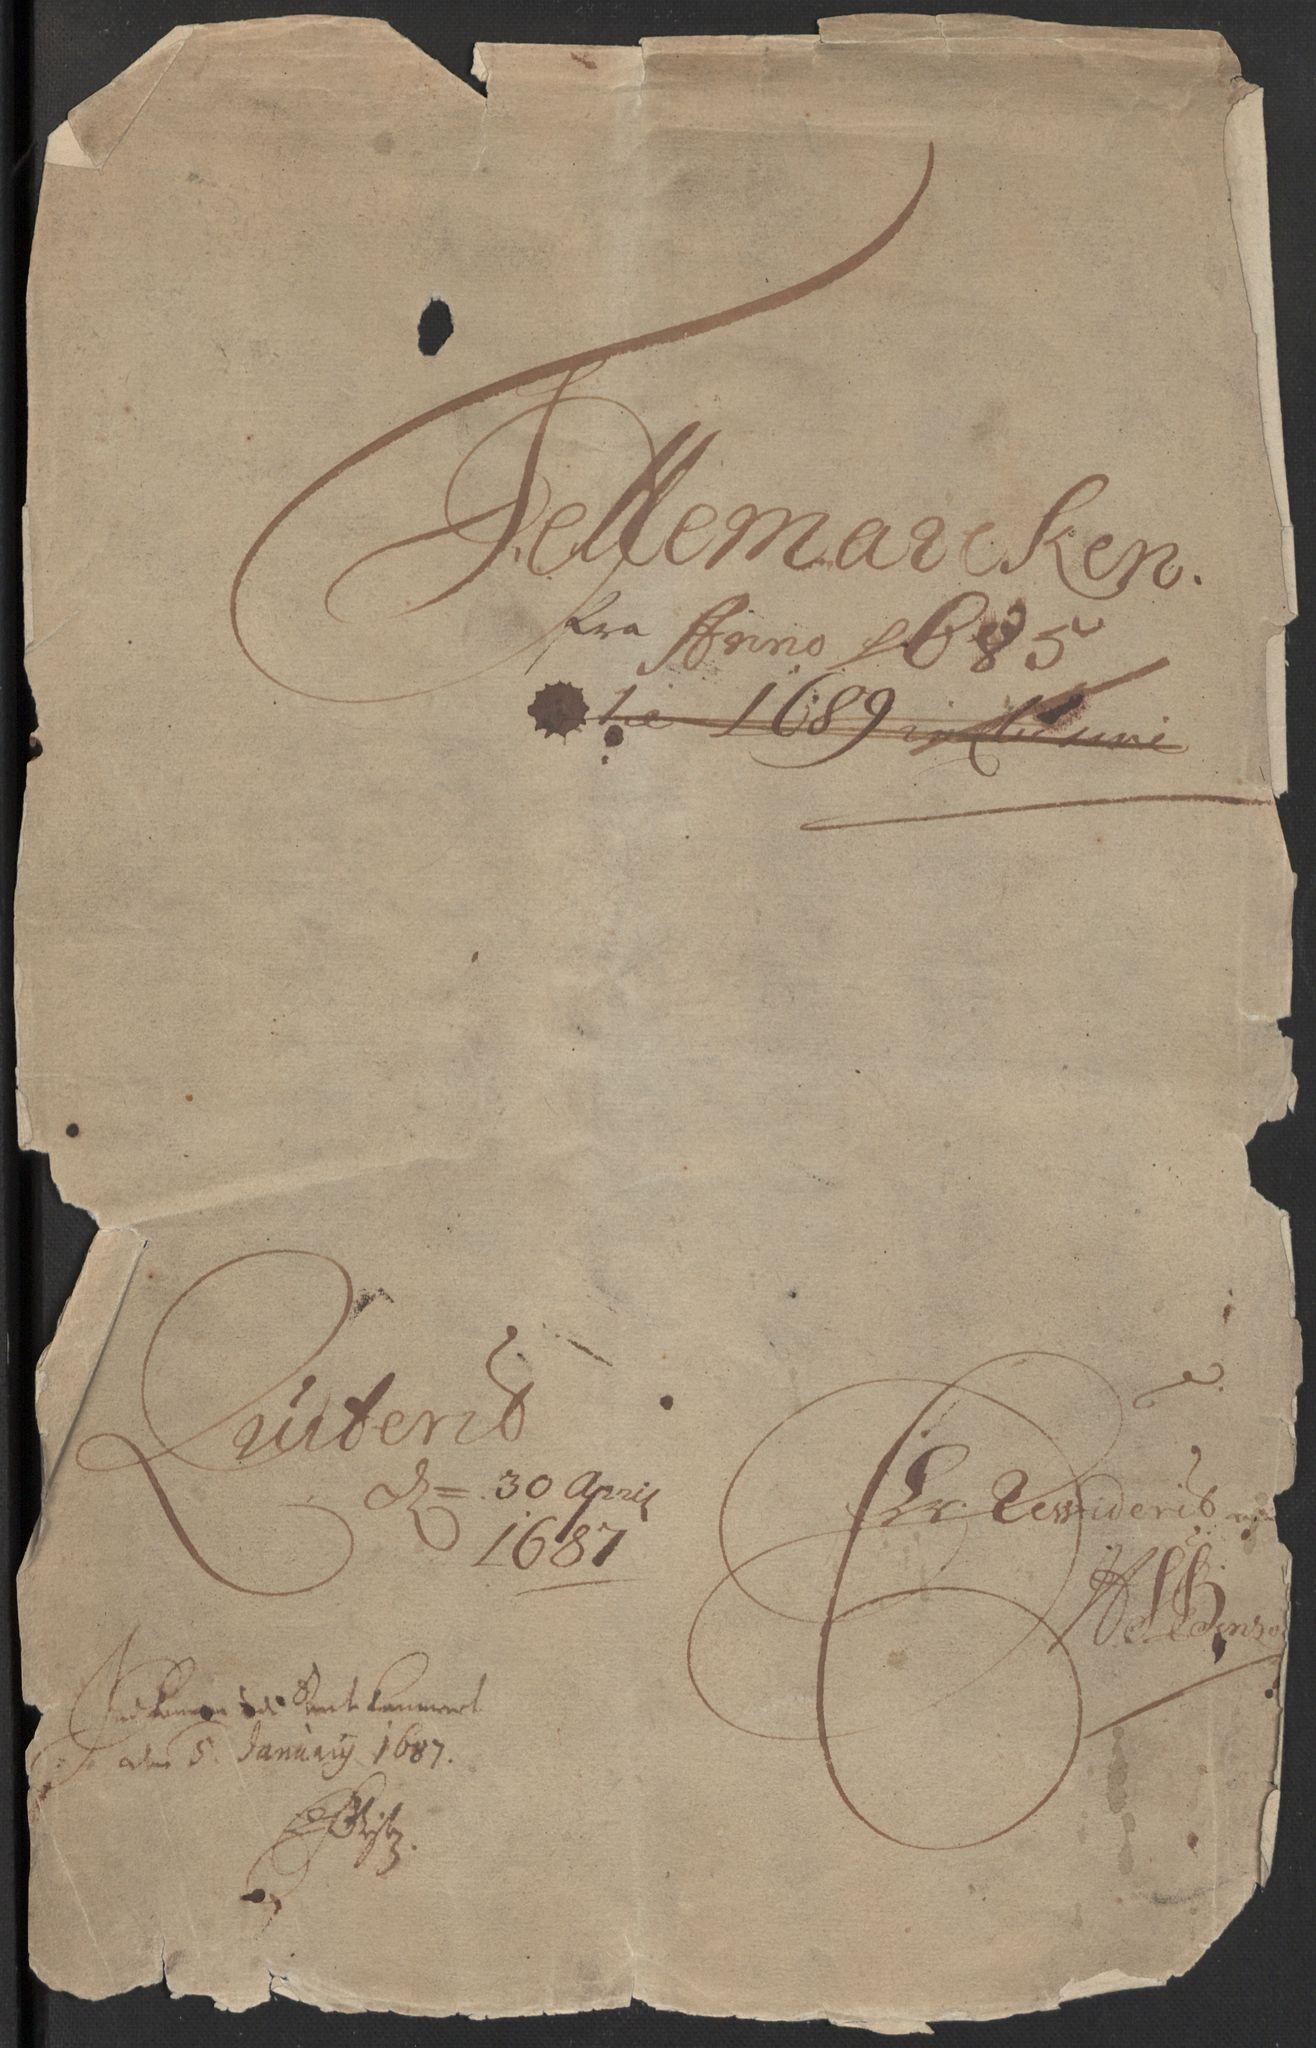 RA, Rentekammeret inntil 1814, Reviderte regnskaper, Fogderegnskap, R35/L2082: Fogderegnskap Øvre og Nedre Telemark, 1685, s. 3